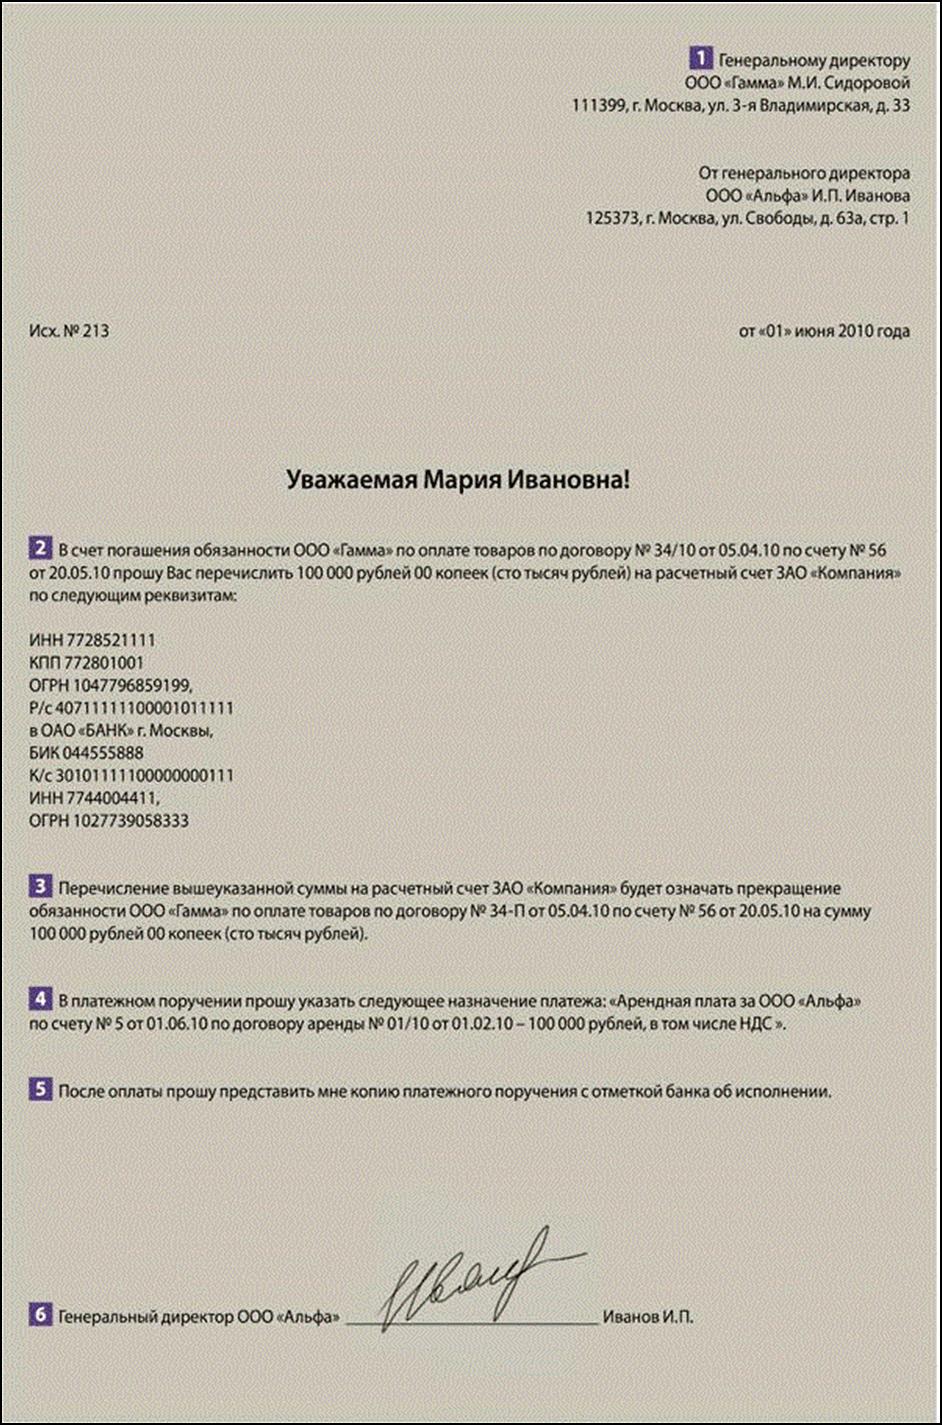 Оплата платежа по договору оказания услуг от третьего лица